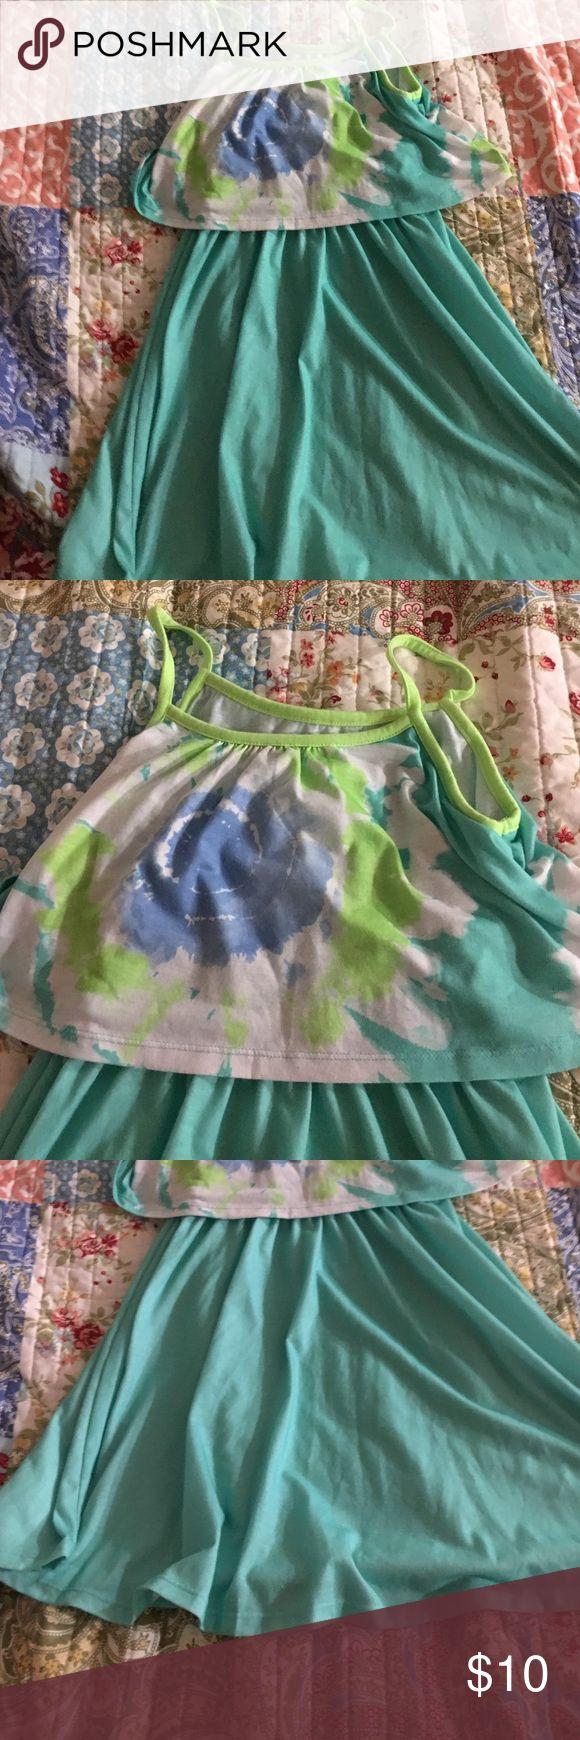 Girls sundress No flaws very cute girls sundress Dresses Casual